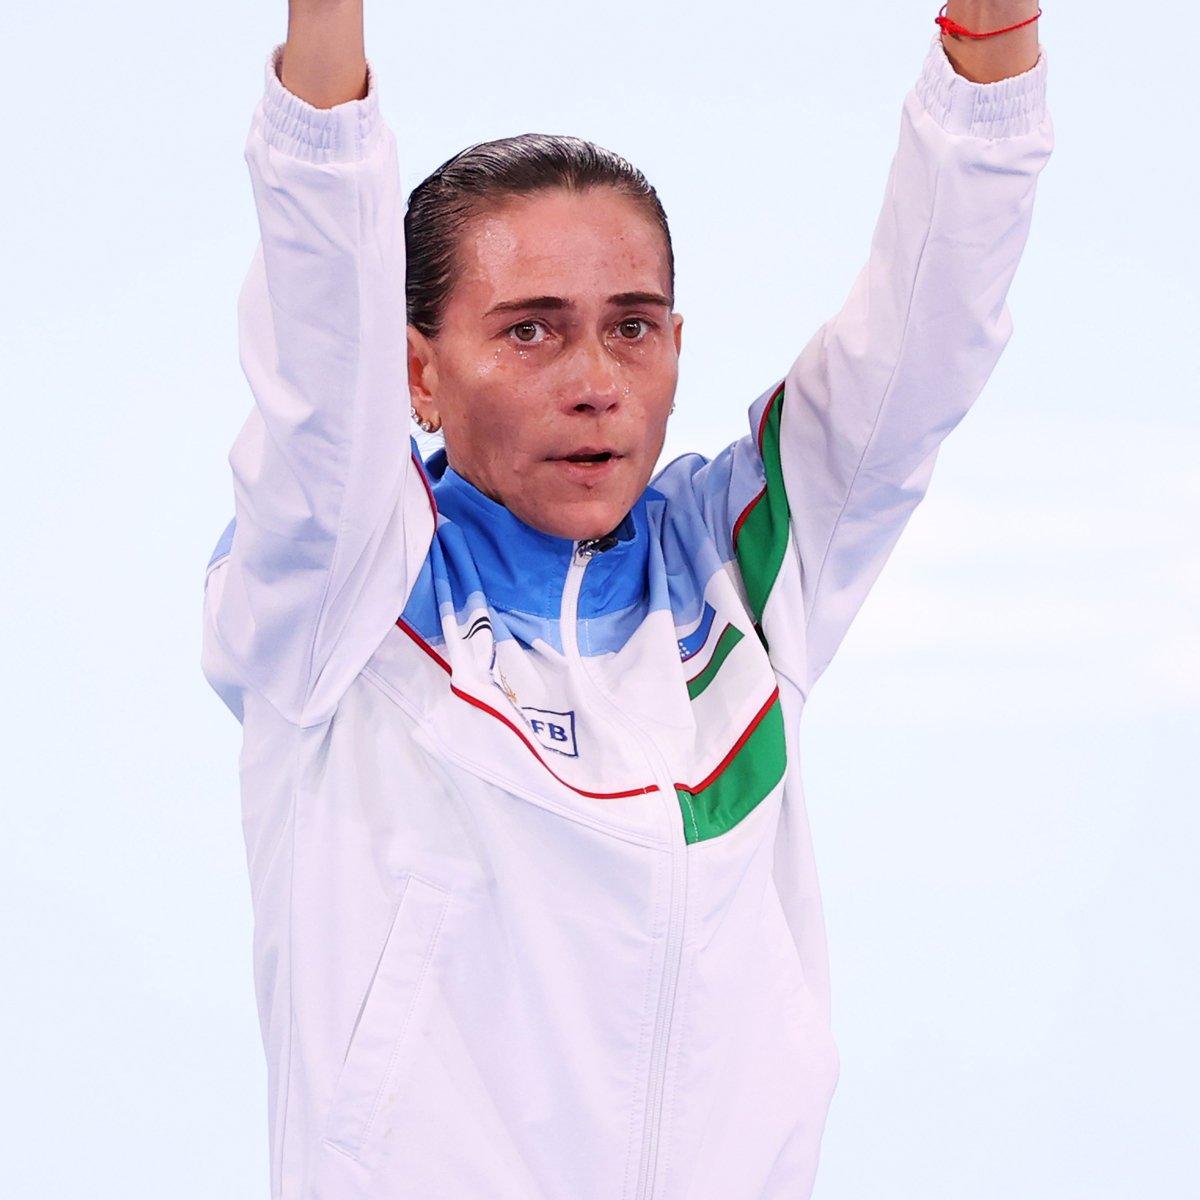 Gymnast Oksana Chusovitina Receives Standing Ovation at Age 46 During Tokyo Olympics